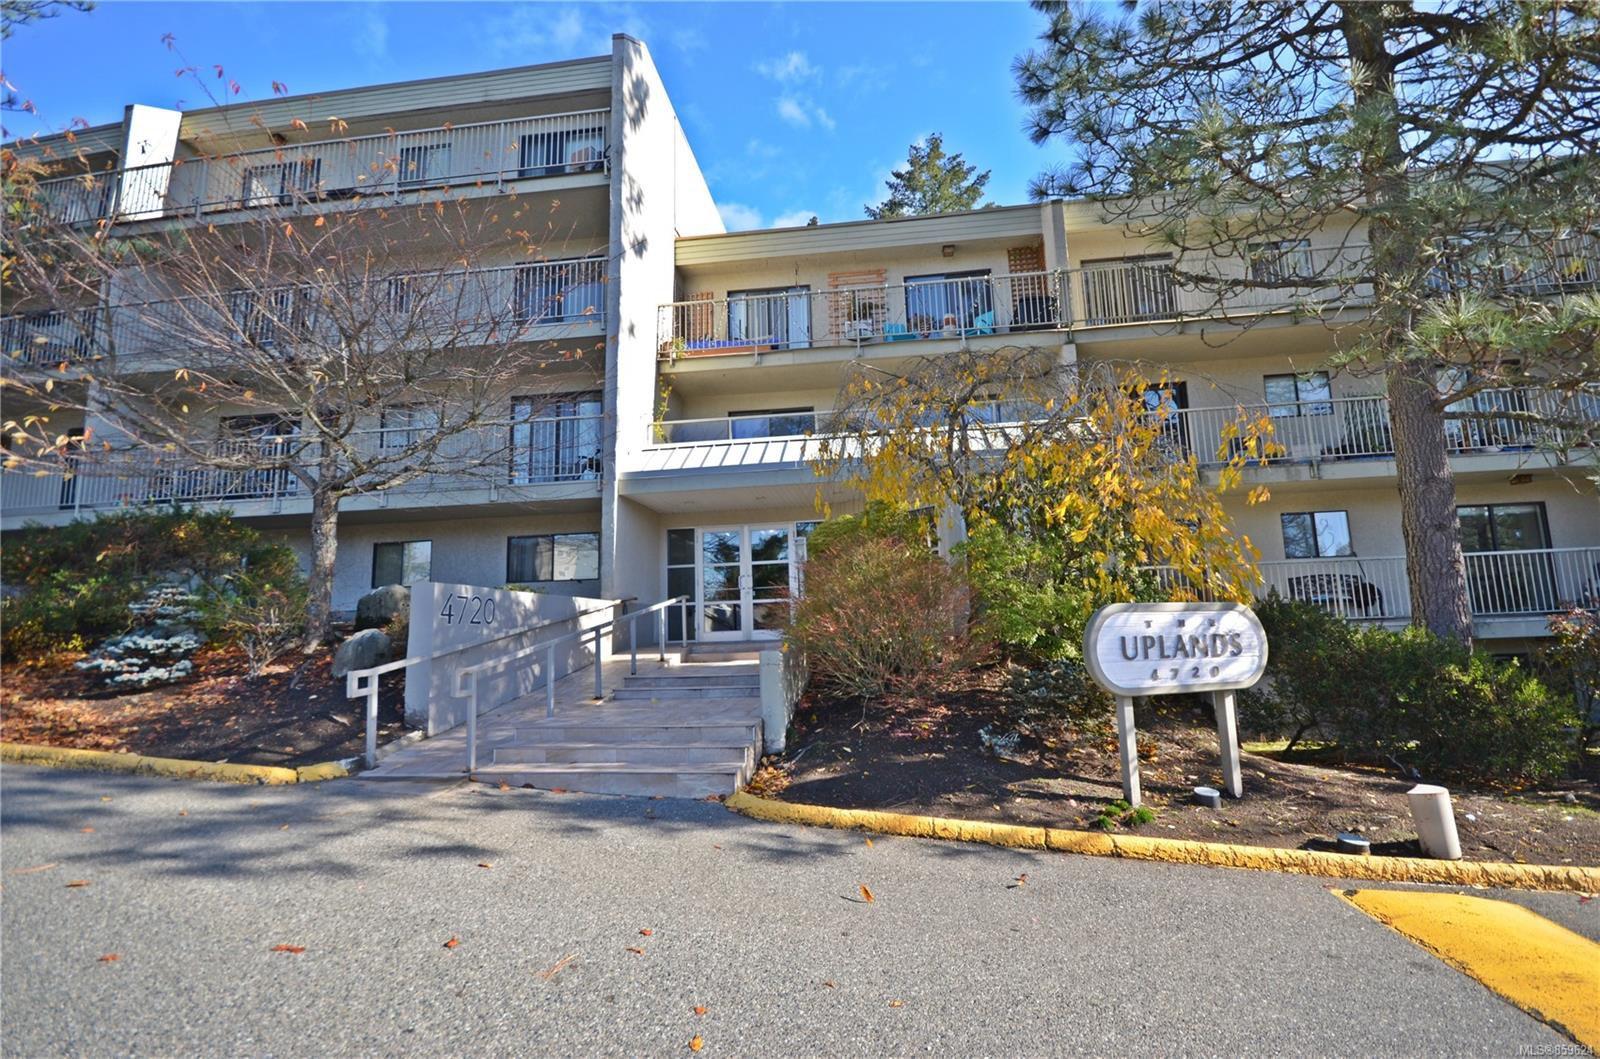 Main Photo: 405 4720 Uplands Dr in : Na North Nanaimo Condo for sale (Nanaimo)  : MLS®# 859624